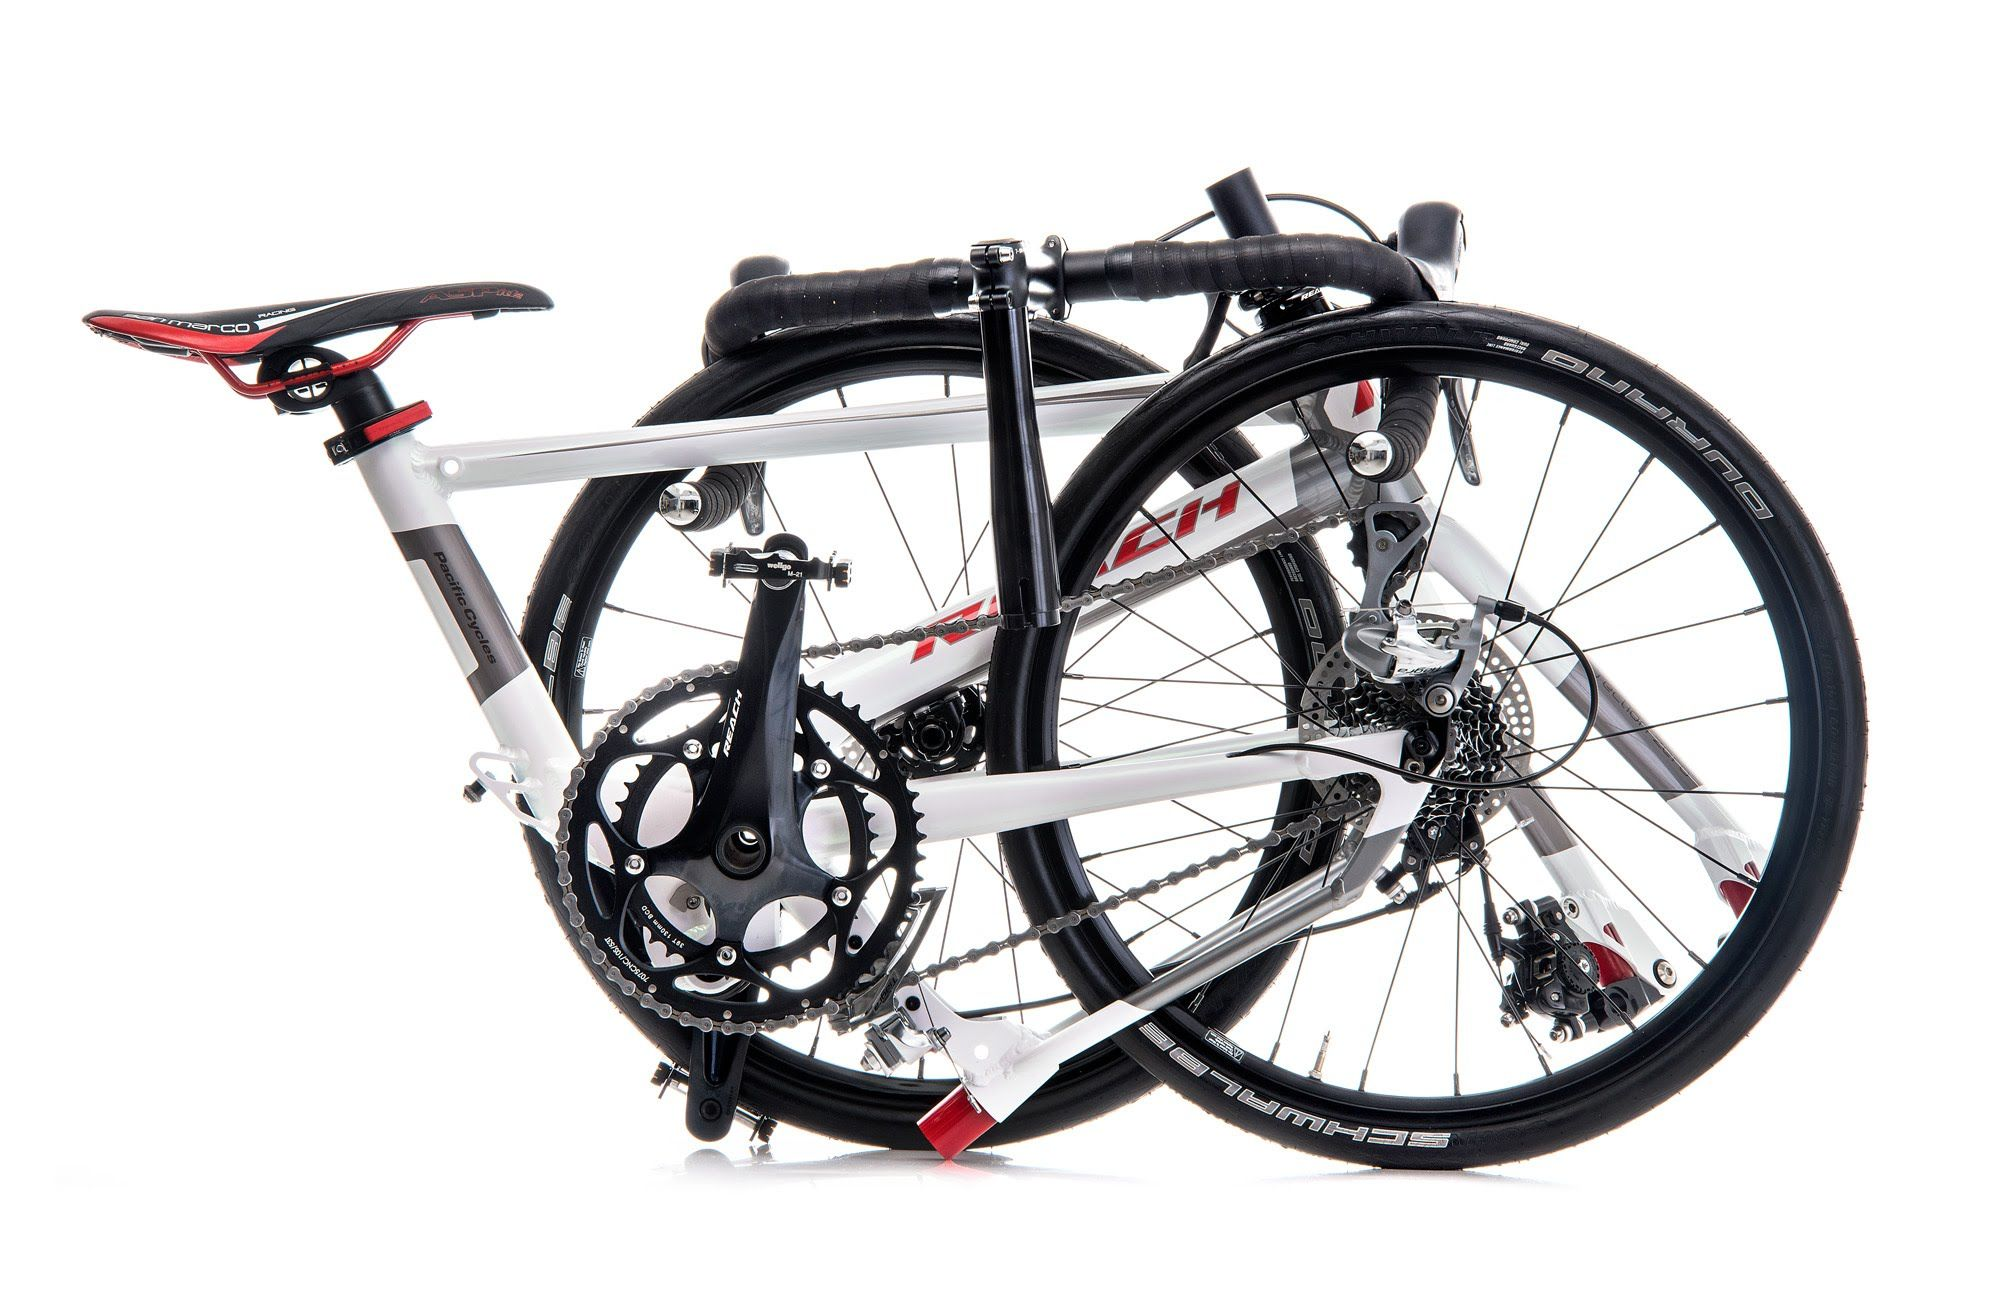 2015 REACH folding bike